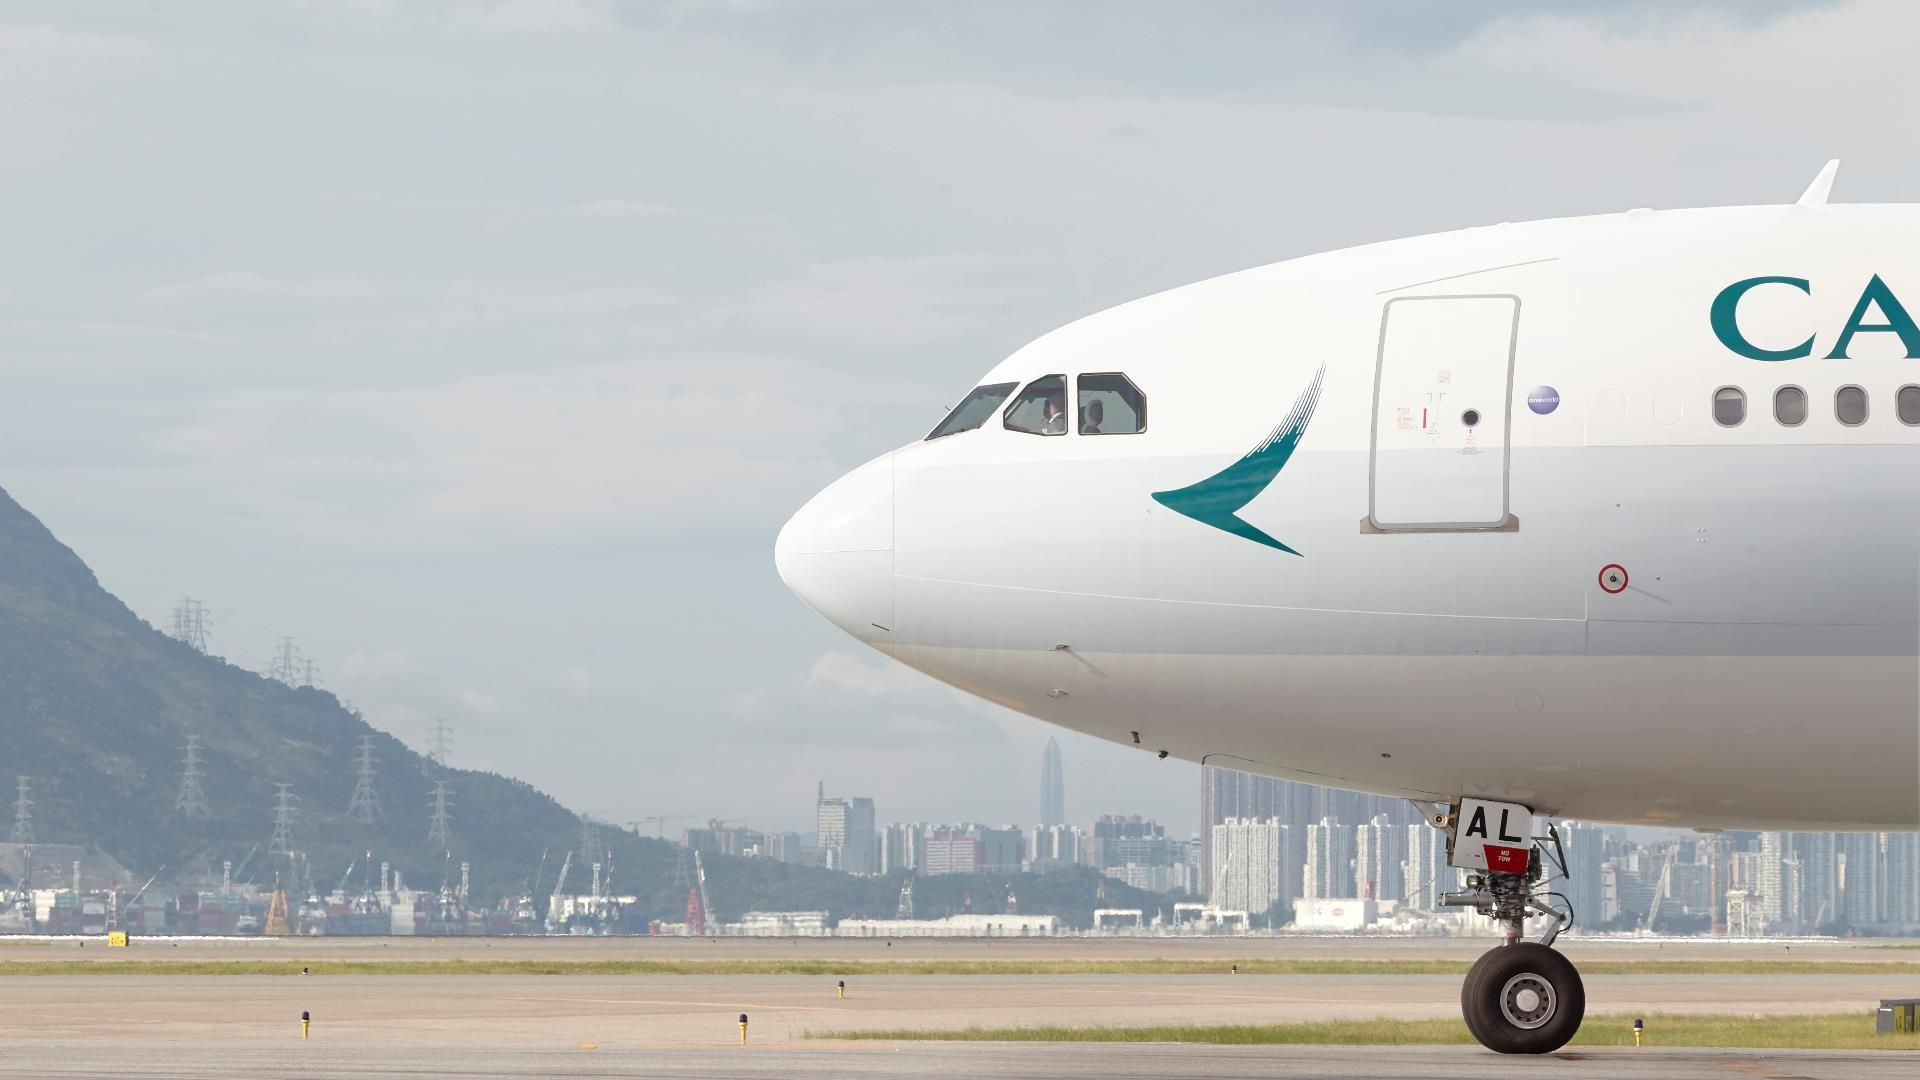 Aerolínea escribió mal su propio nombre en el fuselaje de avión — FOTOS